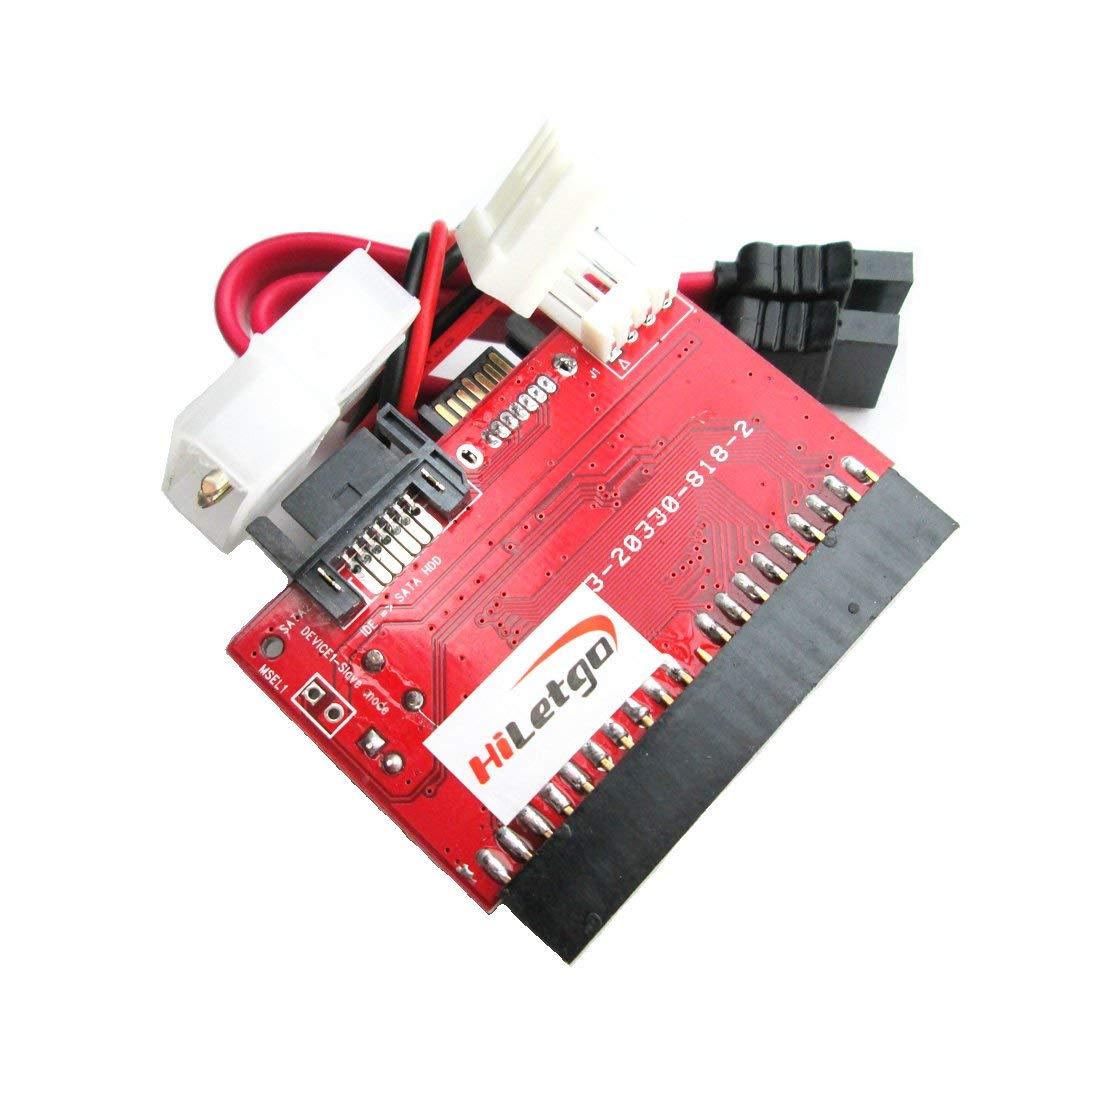 IDE to SATA SATA to IDE ATA ATAPI Serial HDD Mutual Converter Adapter with Cable